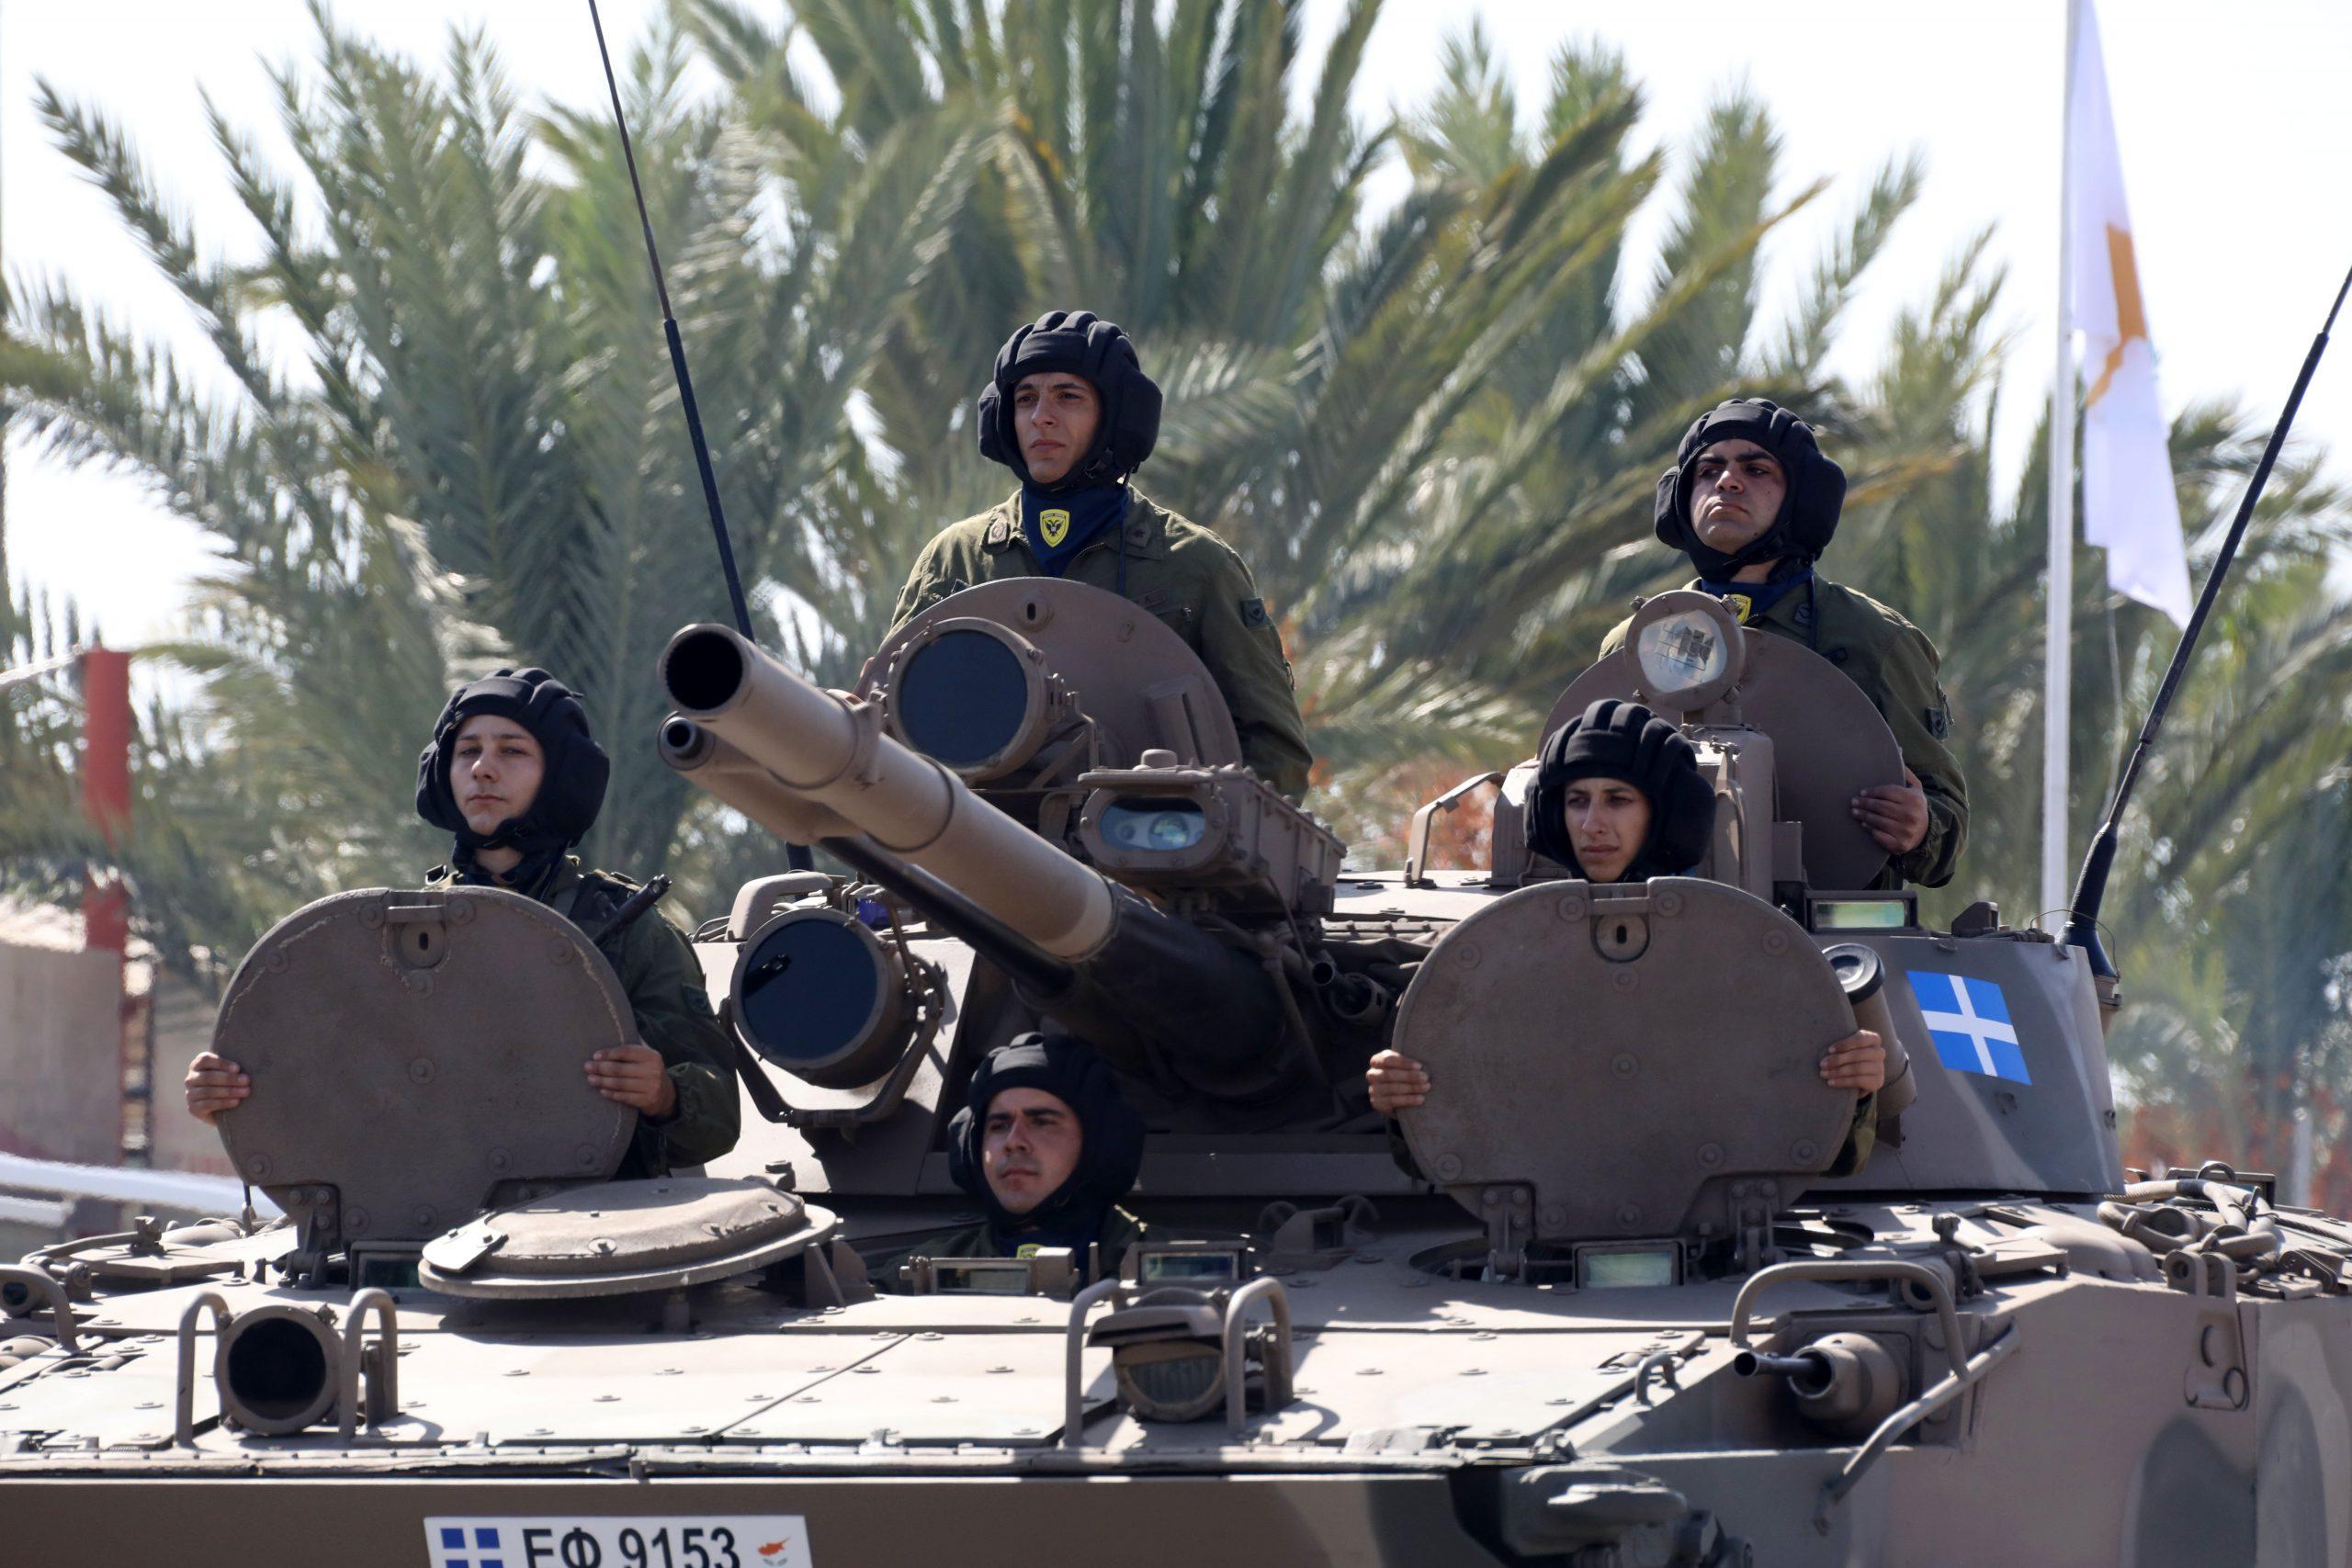 Η κραυγή των απόστρατων αξιωματικών για την άμυνα της Κύπρου